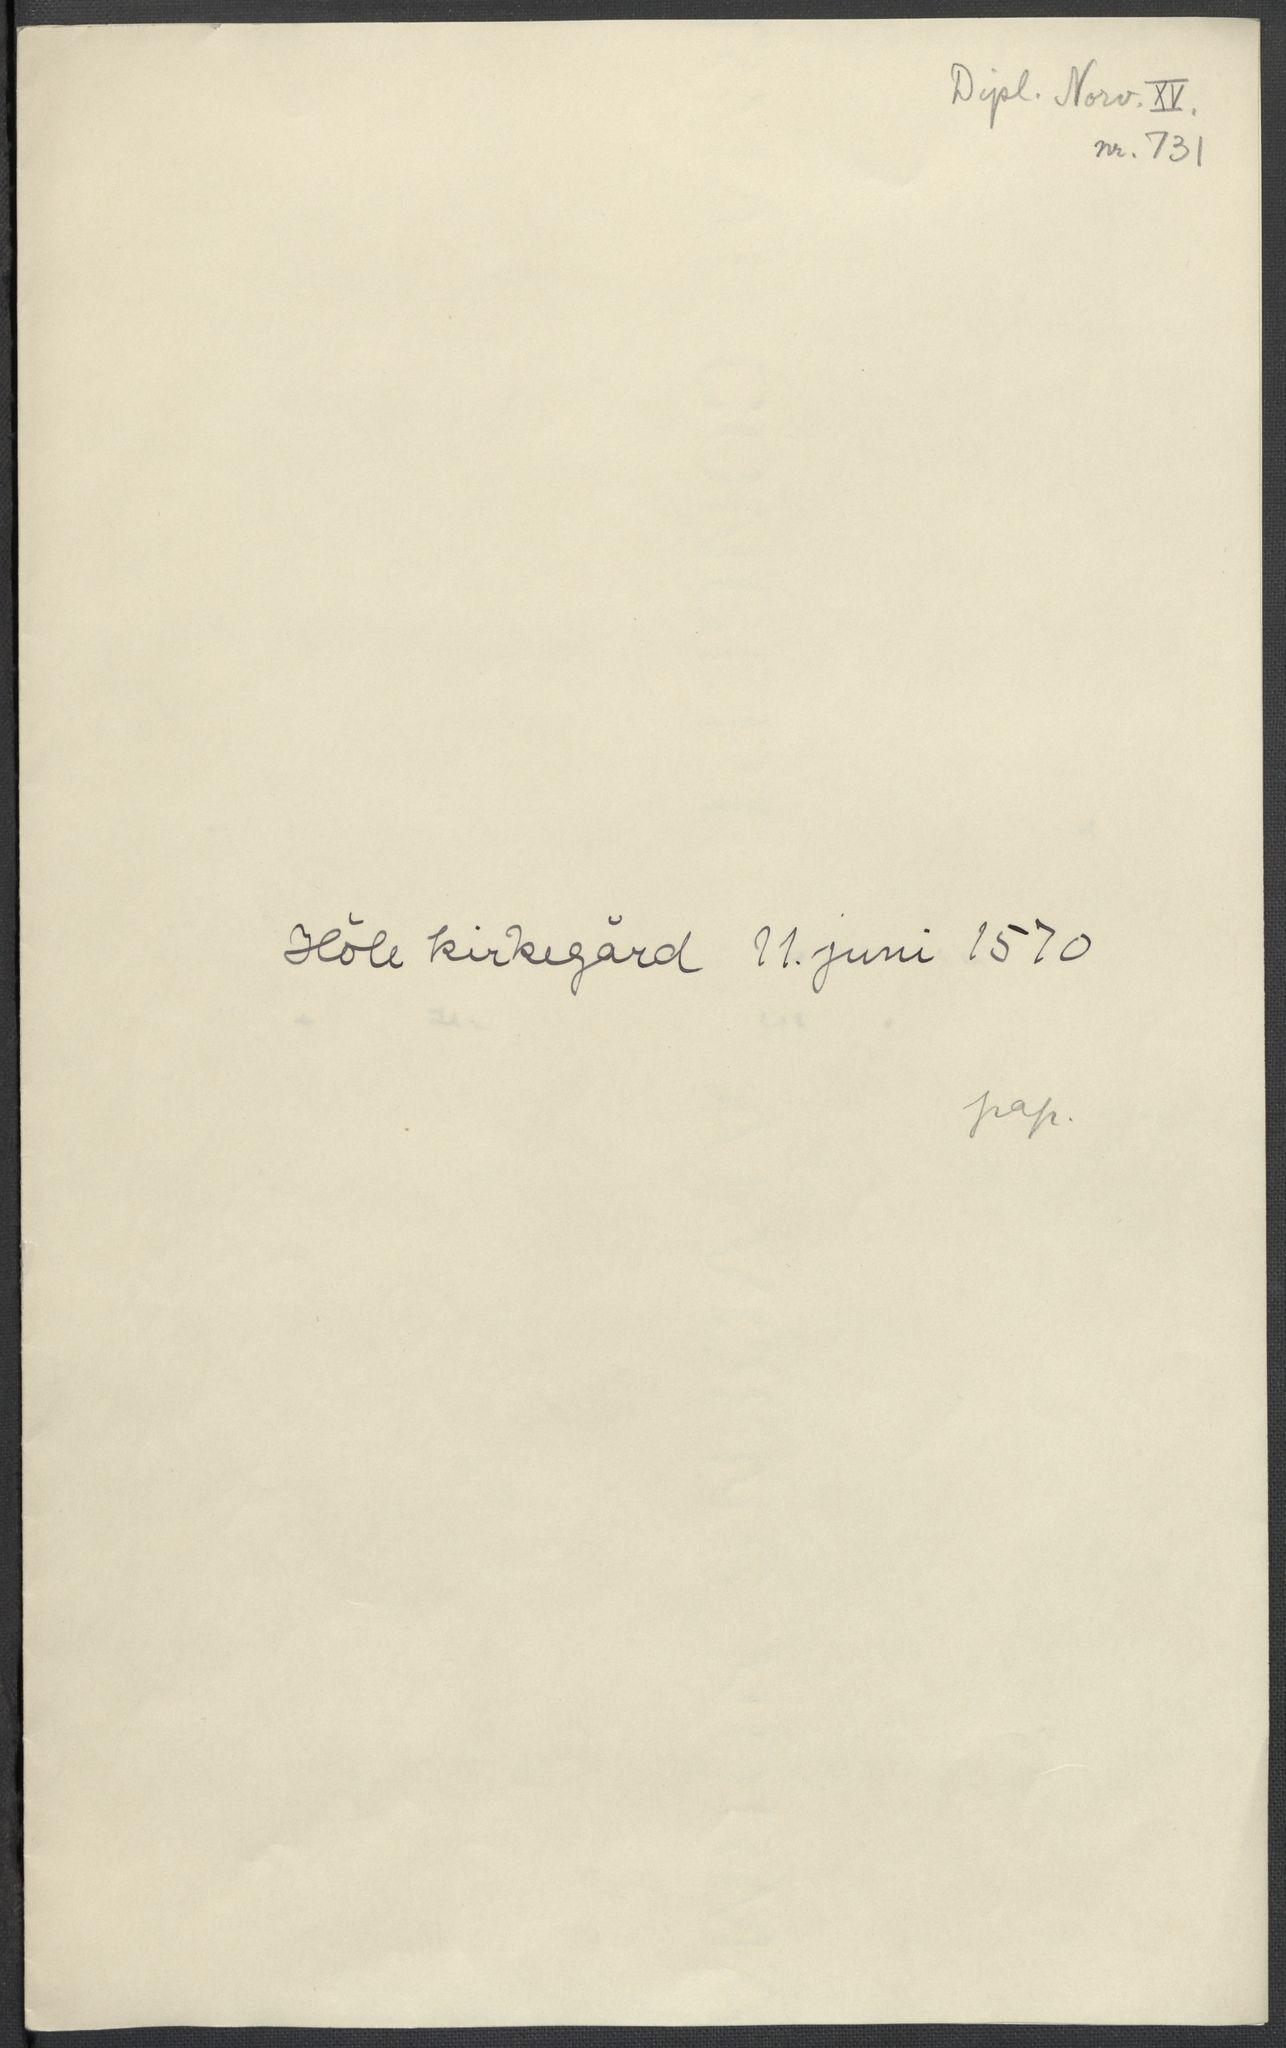 RA, Riksarkivets diplomsamling, F02/L0075: Dokumenter, 1570-1571, s. 24